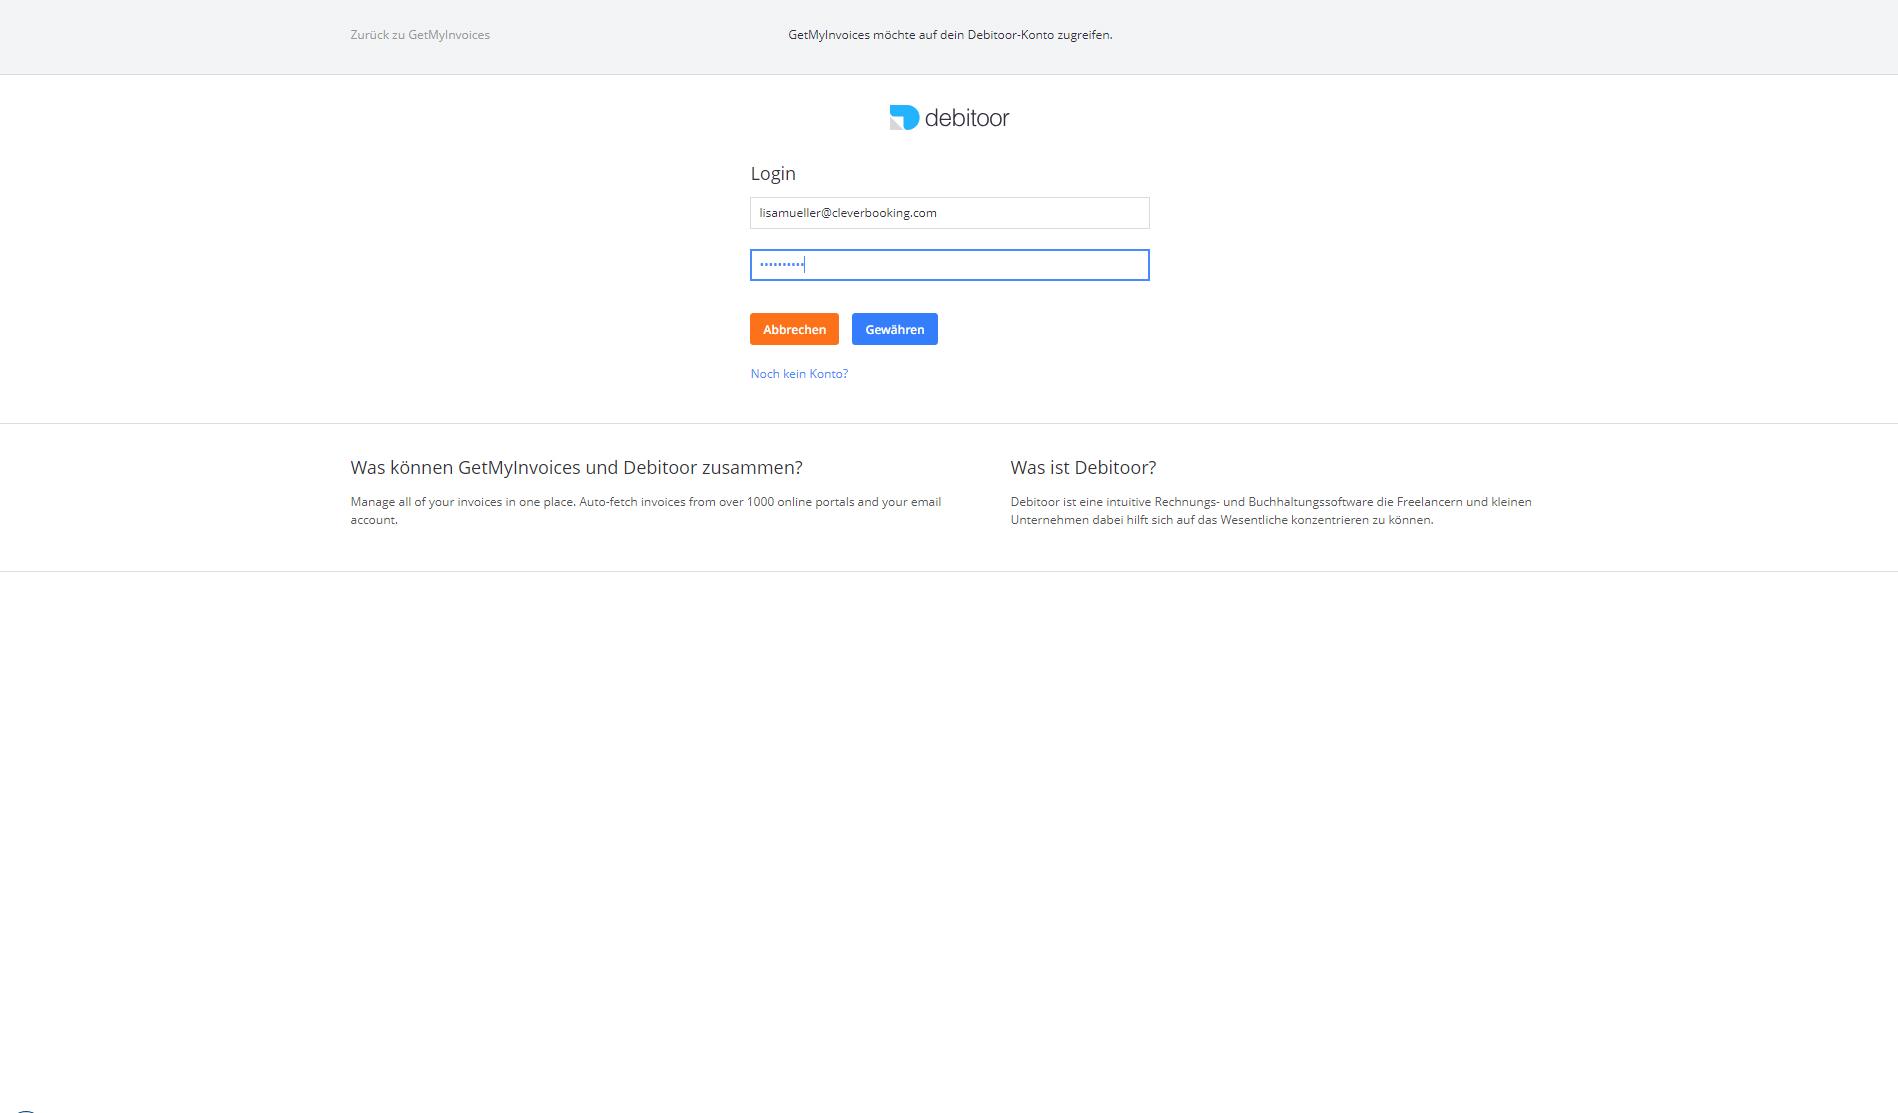 2. Dokumentenimport: GetMyInvoices mit Debitoor verknüpfen